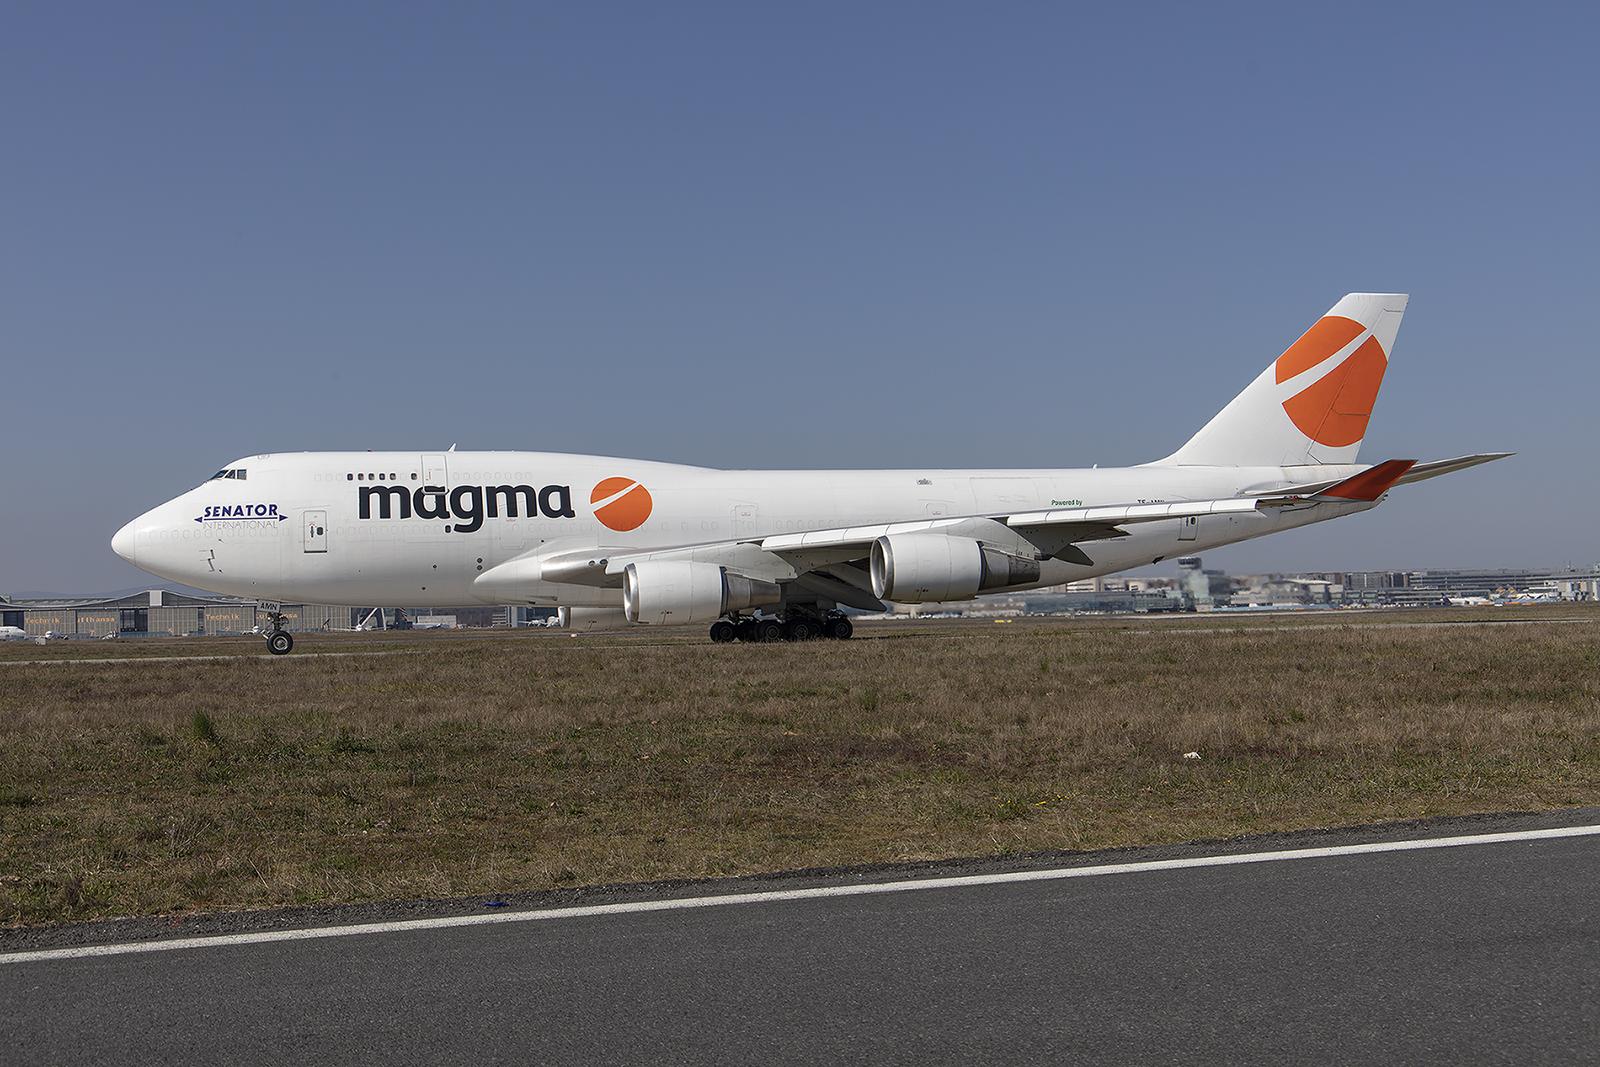 Das Geschäft bei Magma nahm so richtig Fahrt auf und so flog man statt nahch Hahn plötzlich nach FRA.